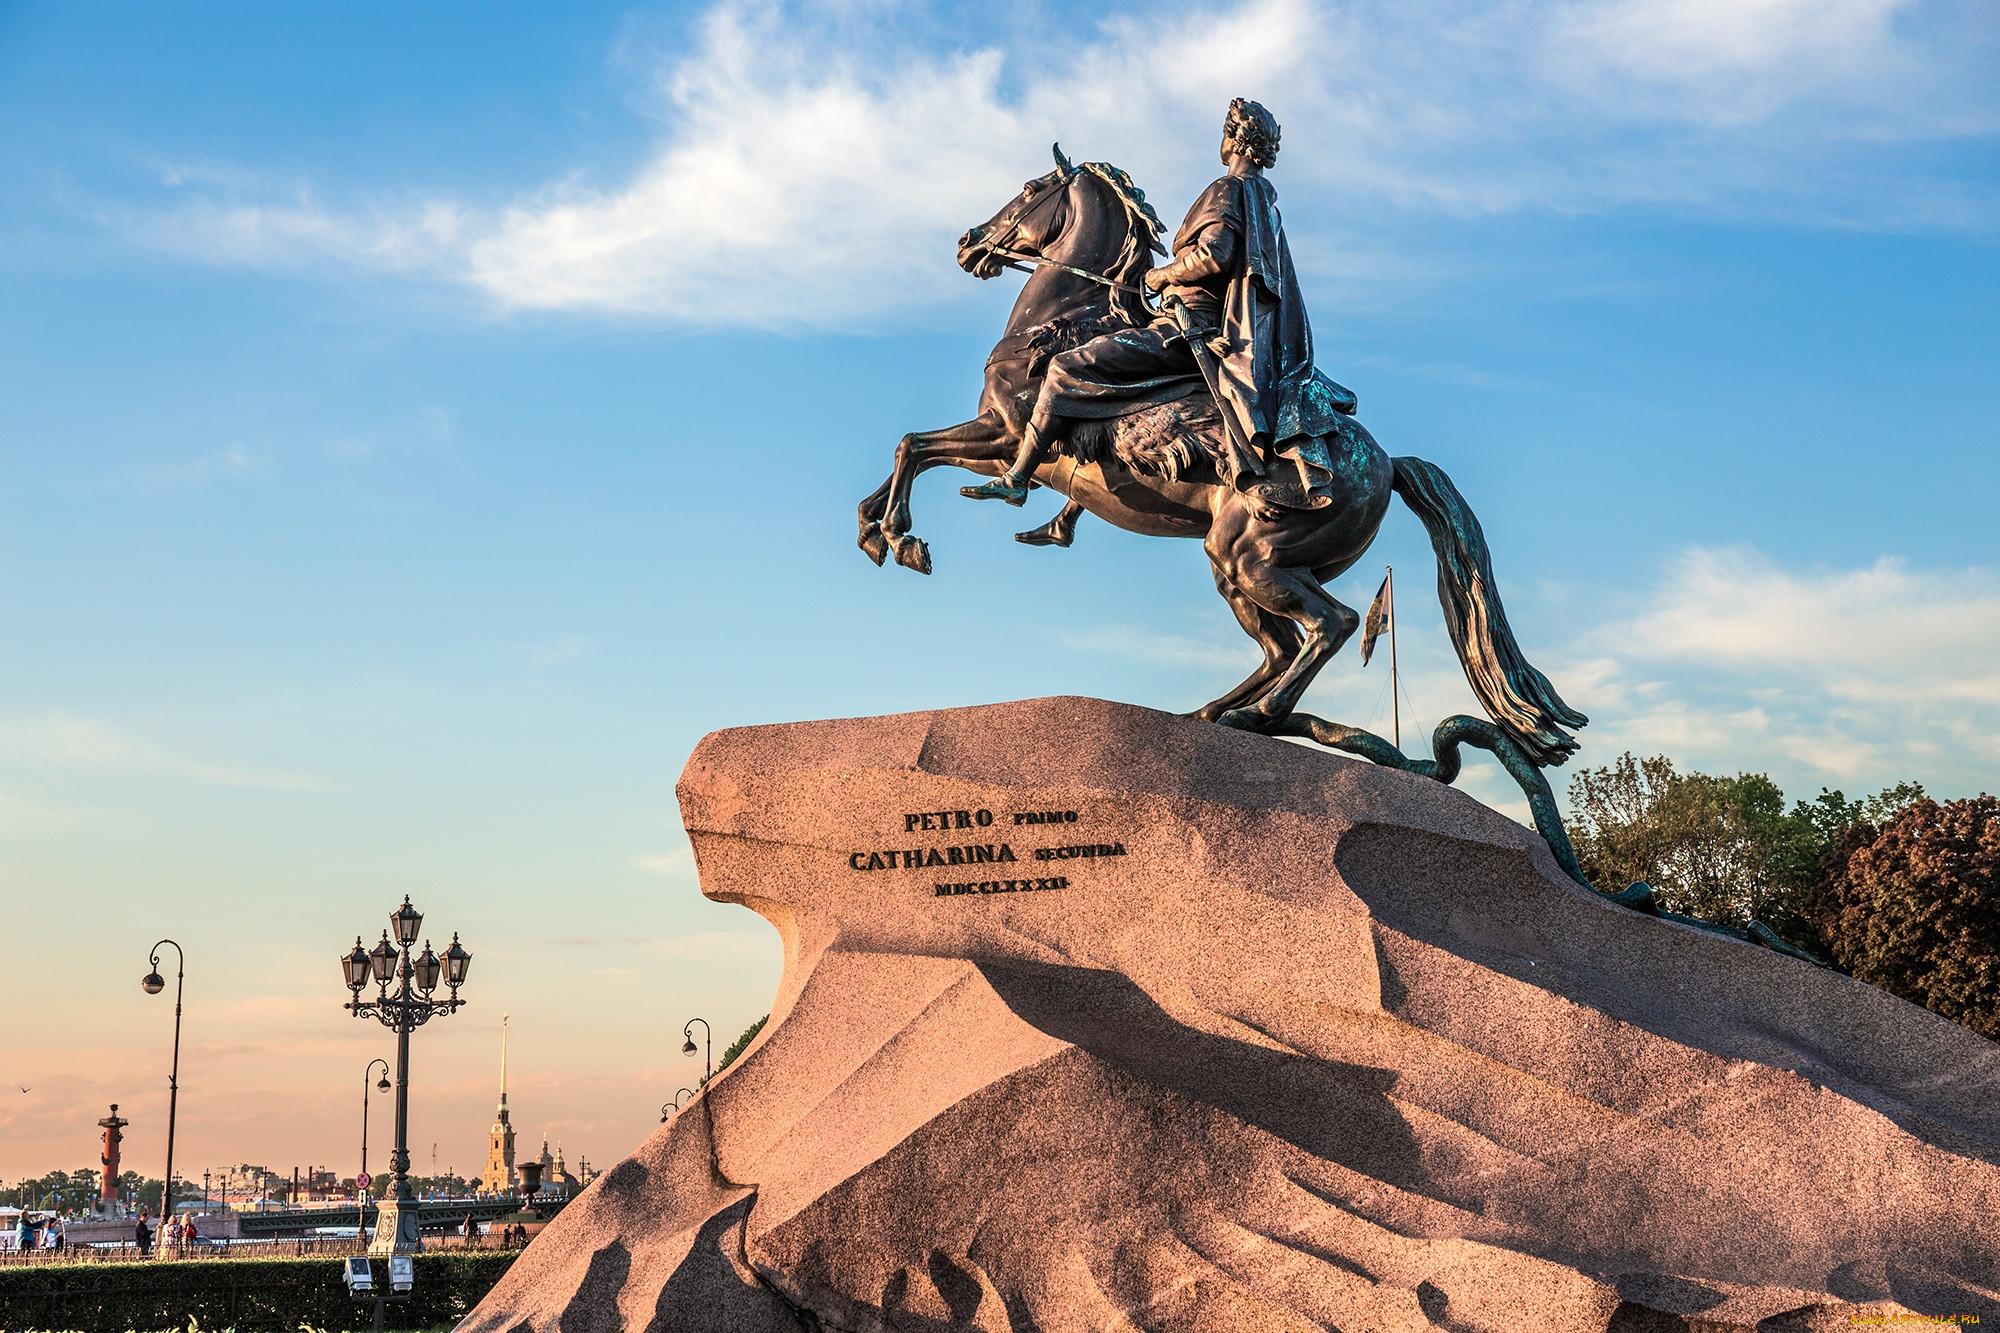 Картинки памятников санкт петербурга